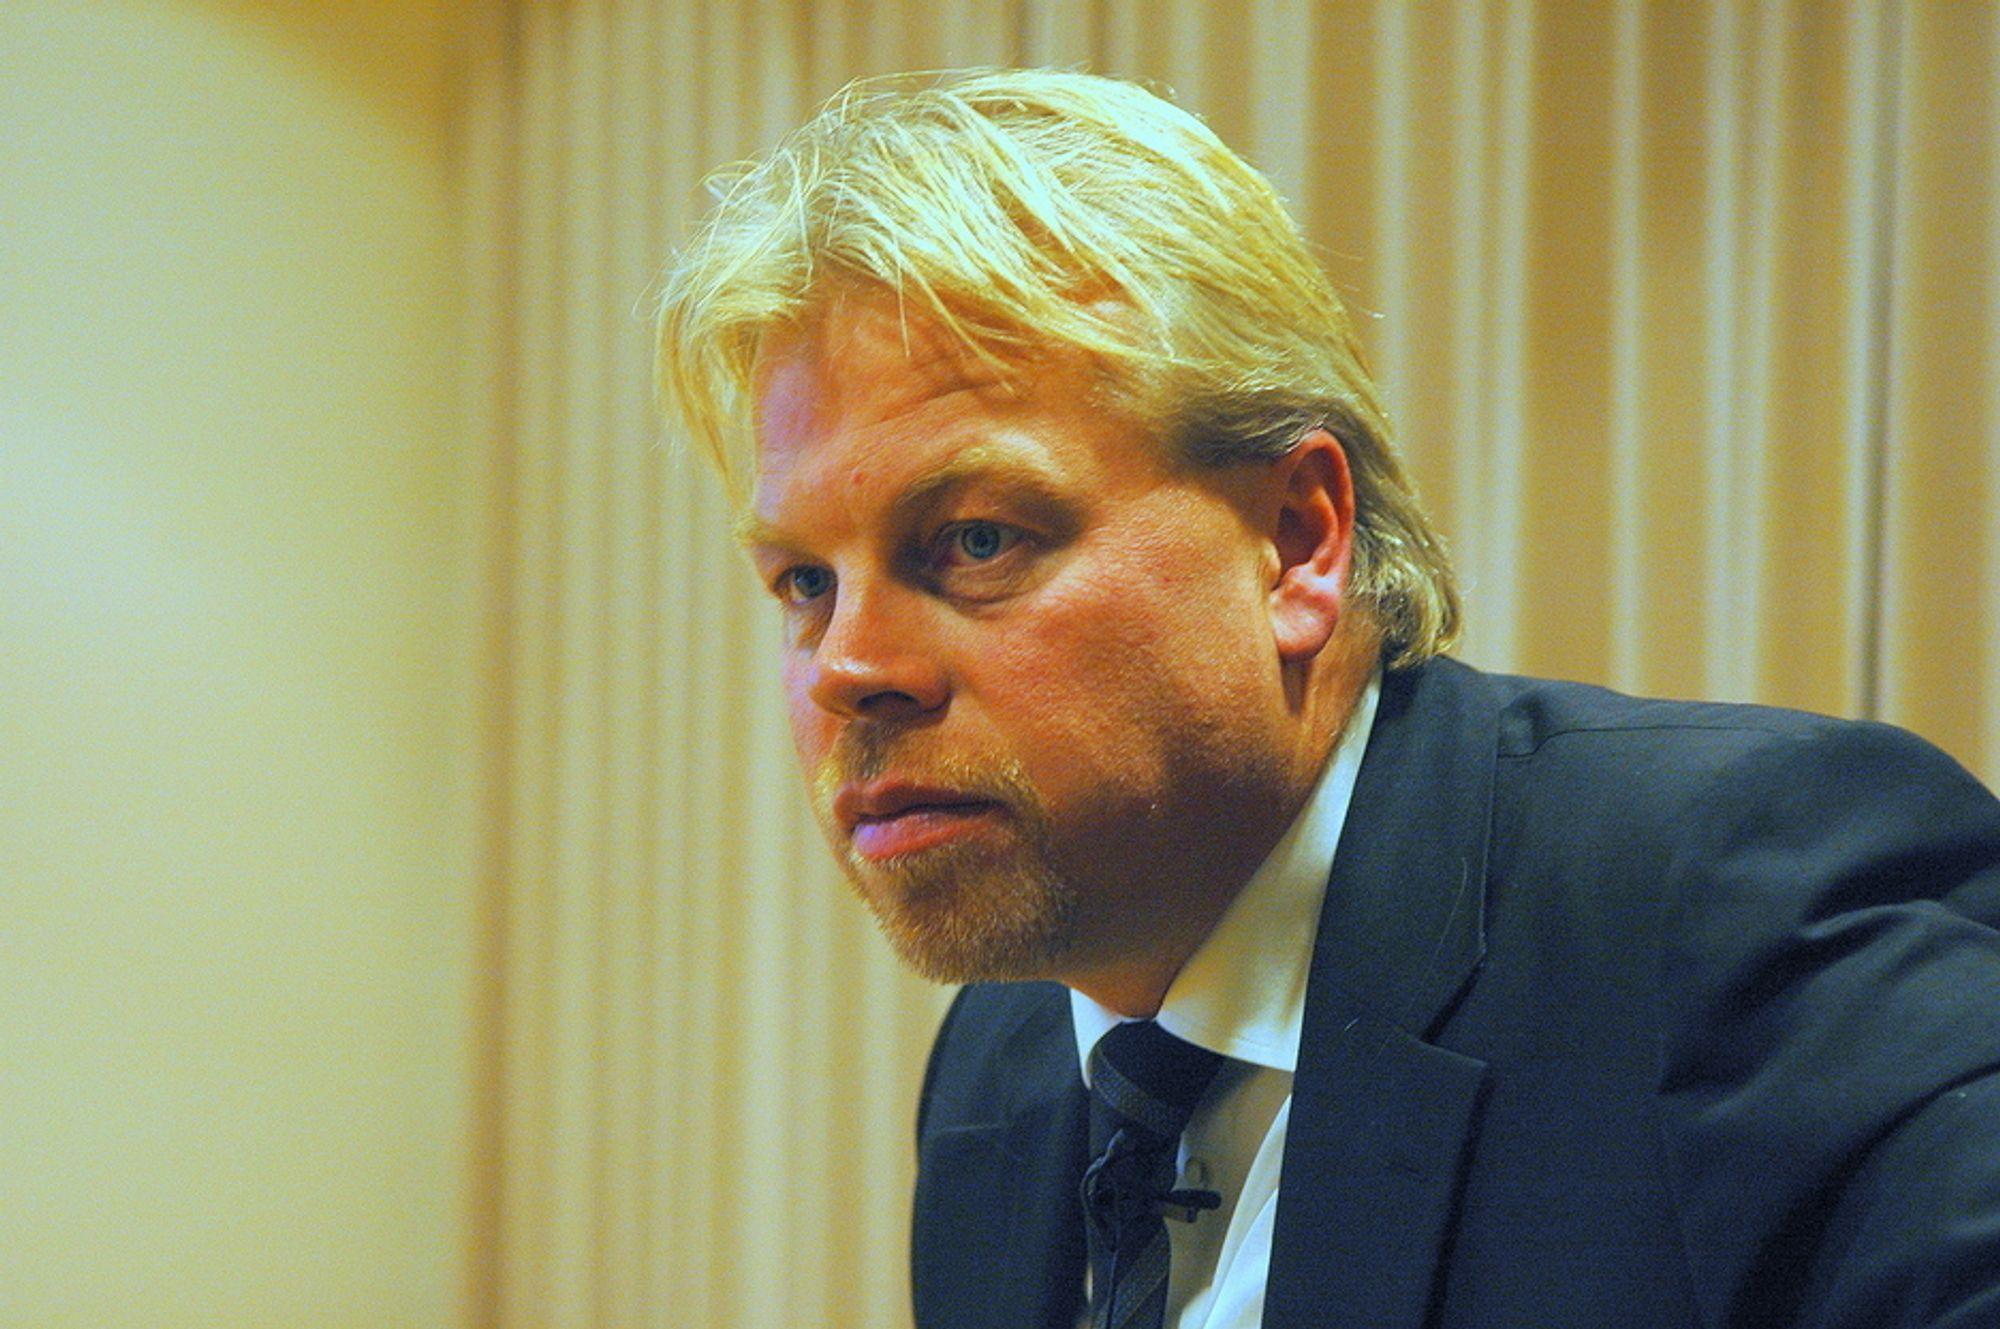 VIL KONKURRERE: - Vi vil konkurrere med de store aktørene som E:ON, VNG etc. i det europeiske gassmarkedet, i likhet med at de har gått inn som operatører på norsk sokkel, sier Jan Rune Schøpp i StatoilHydro.